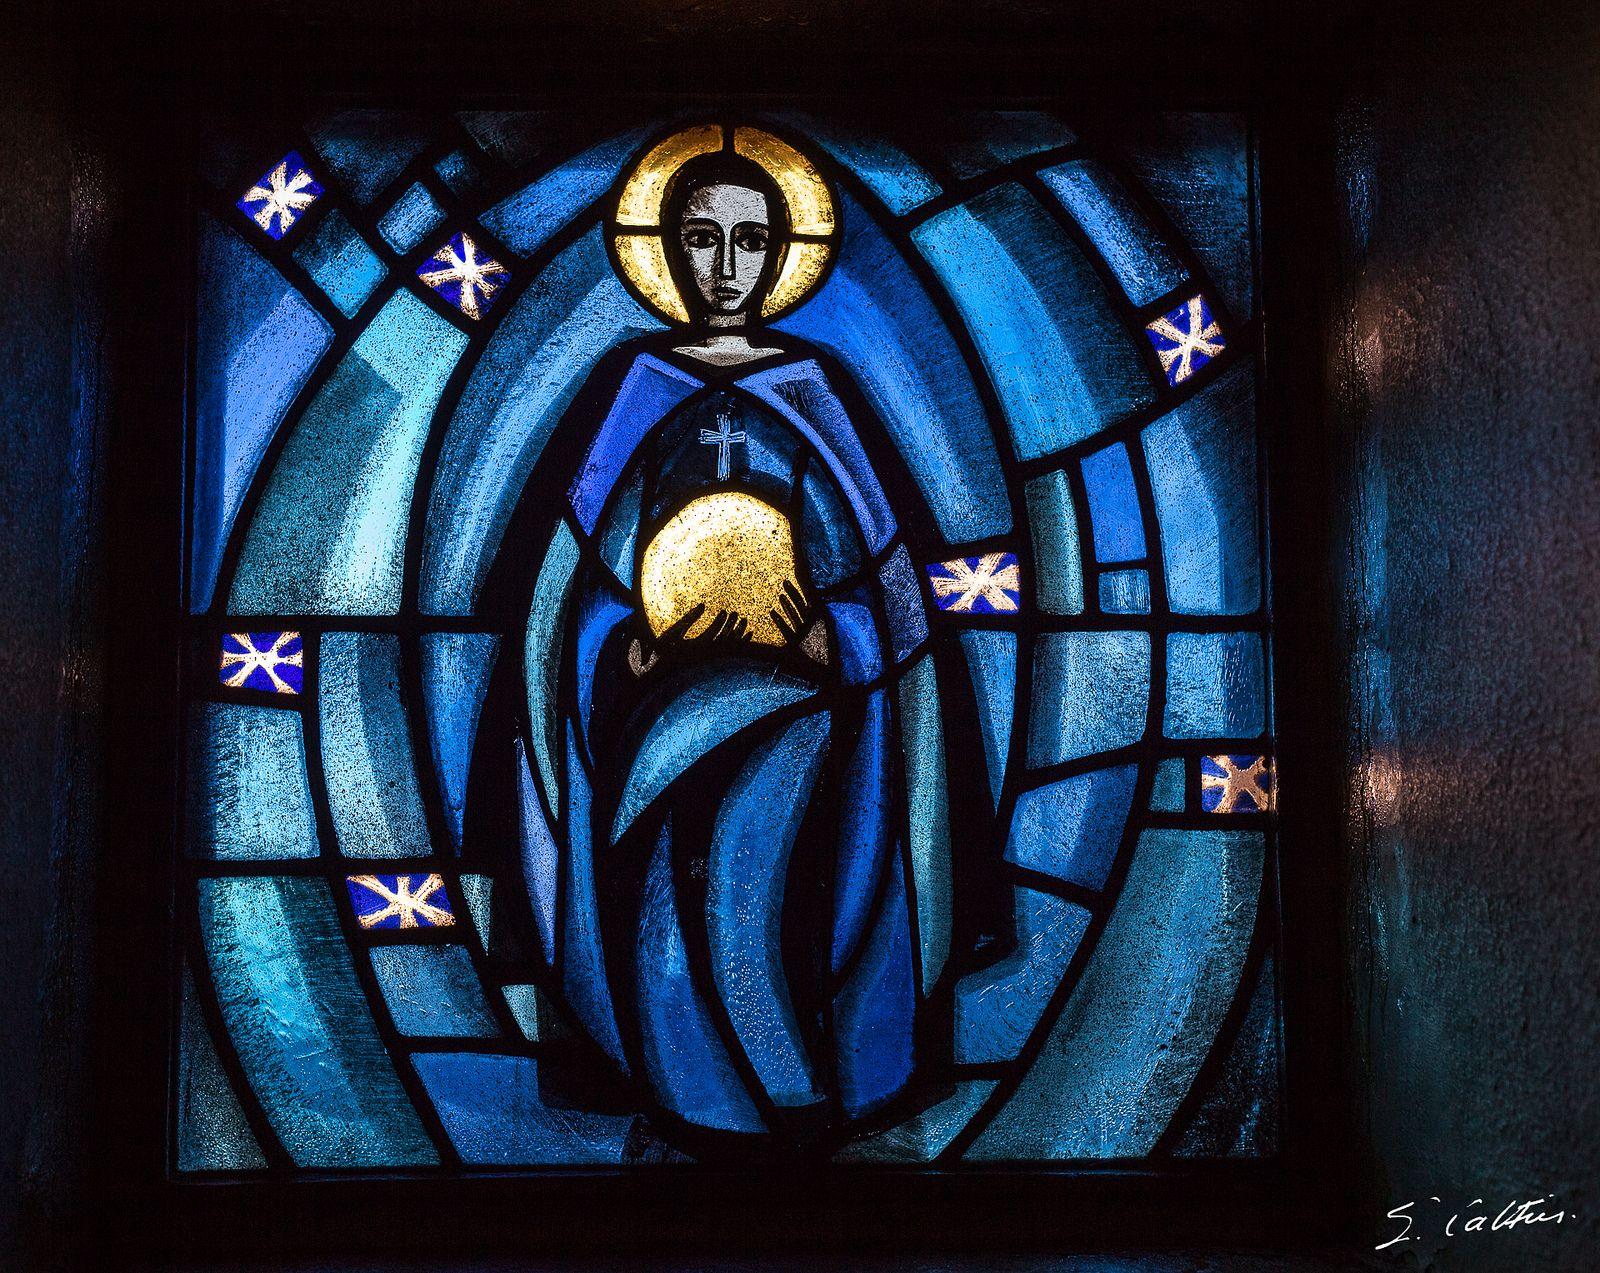 Church of Reconciliation - Communauté des Frères de Taizé - Brothers Community  of Taizé | von Emmanuel Cattier